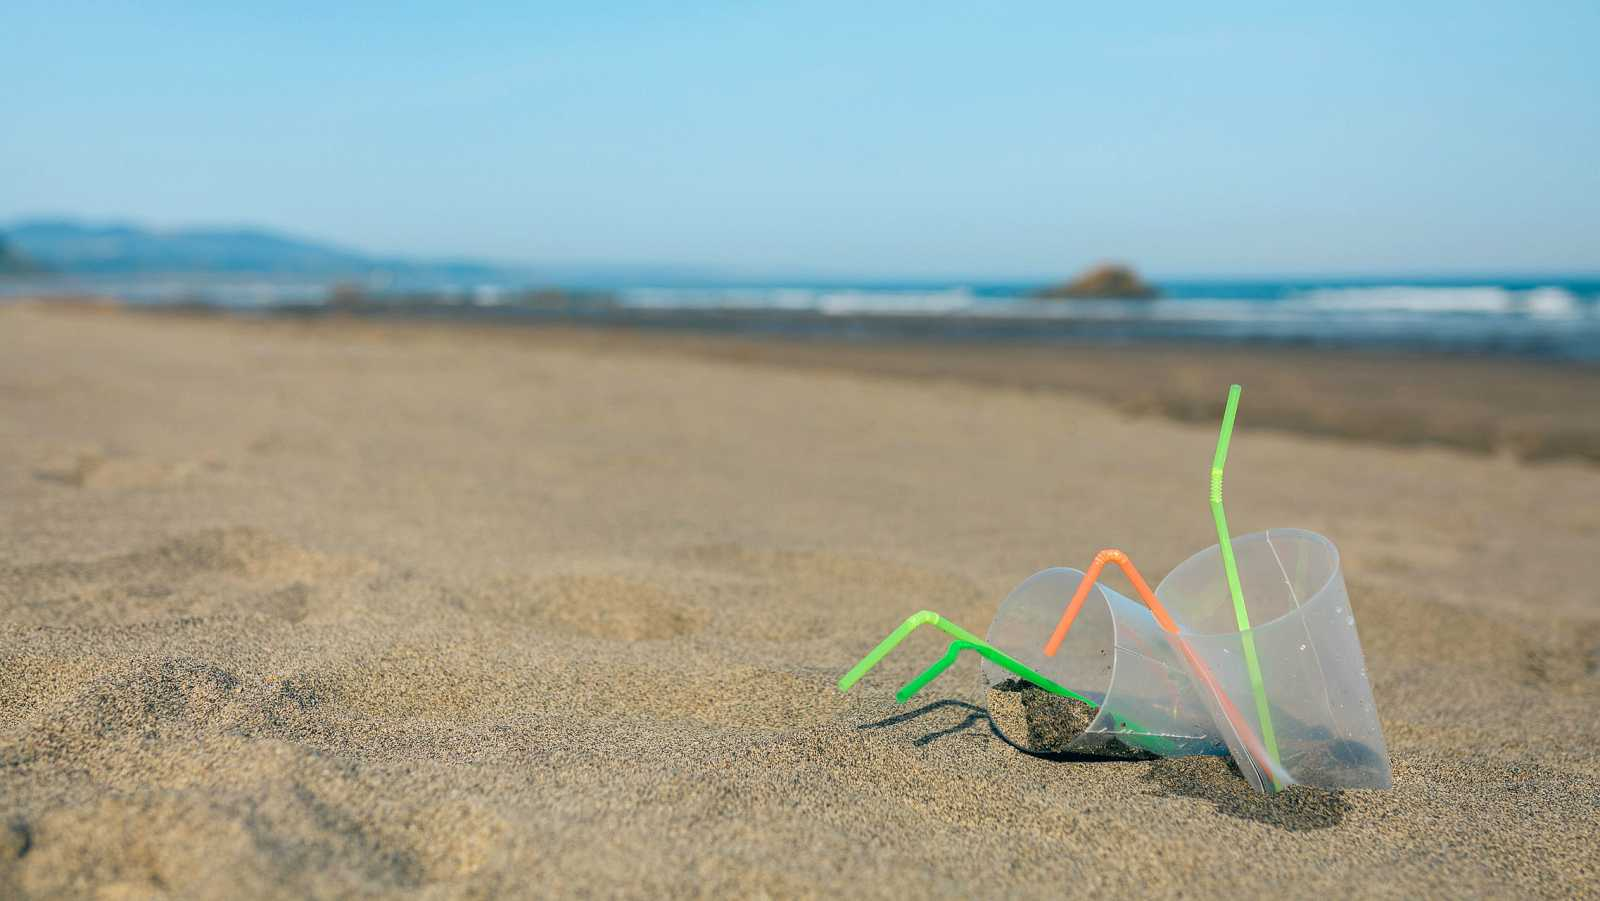 Inglaterra prohíbe desde este jueves las pajitas y los bastoncillos de plástico de un solo uso.